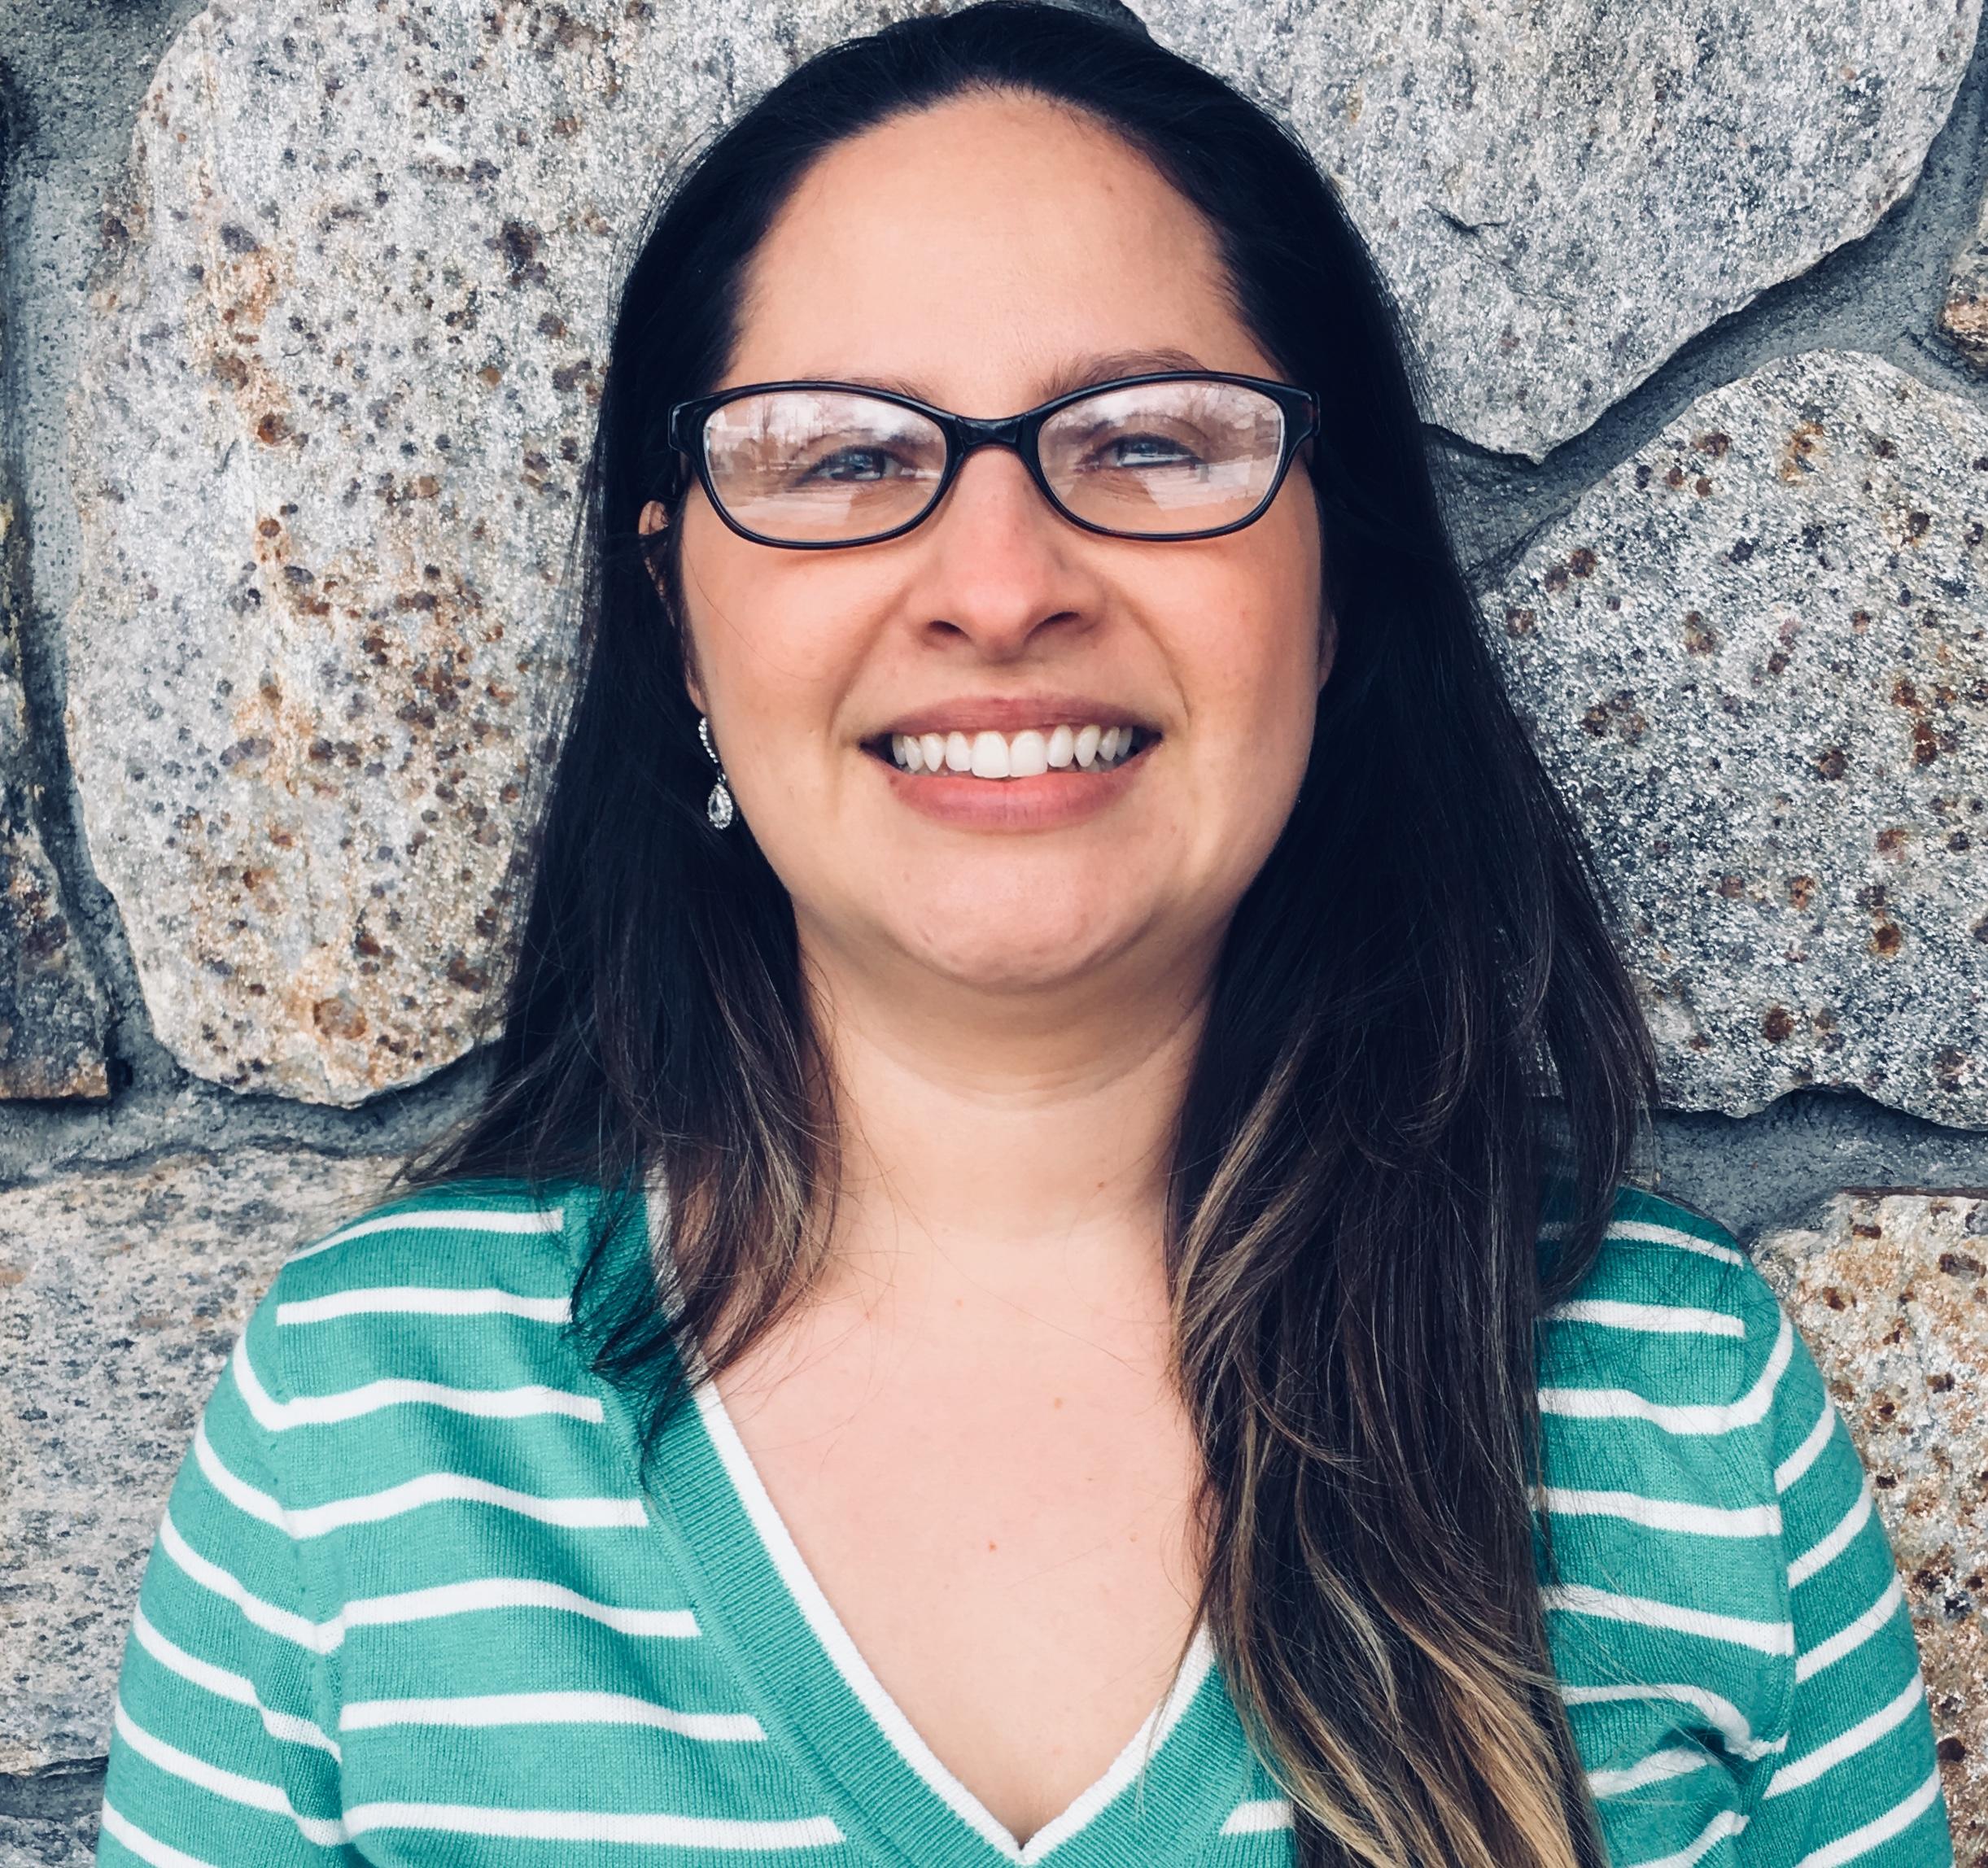 Professora de aulas de português para crianças em Framingham